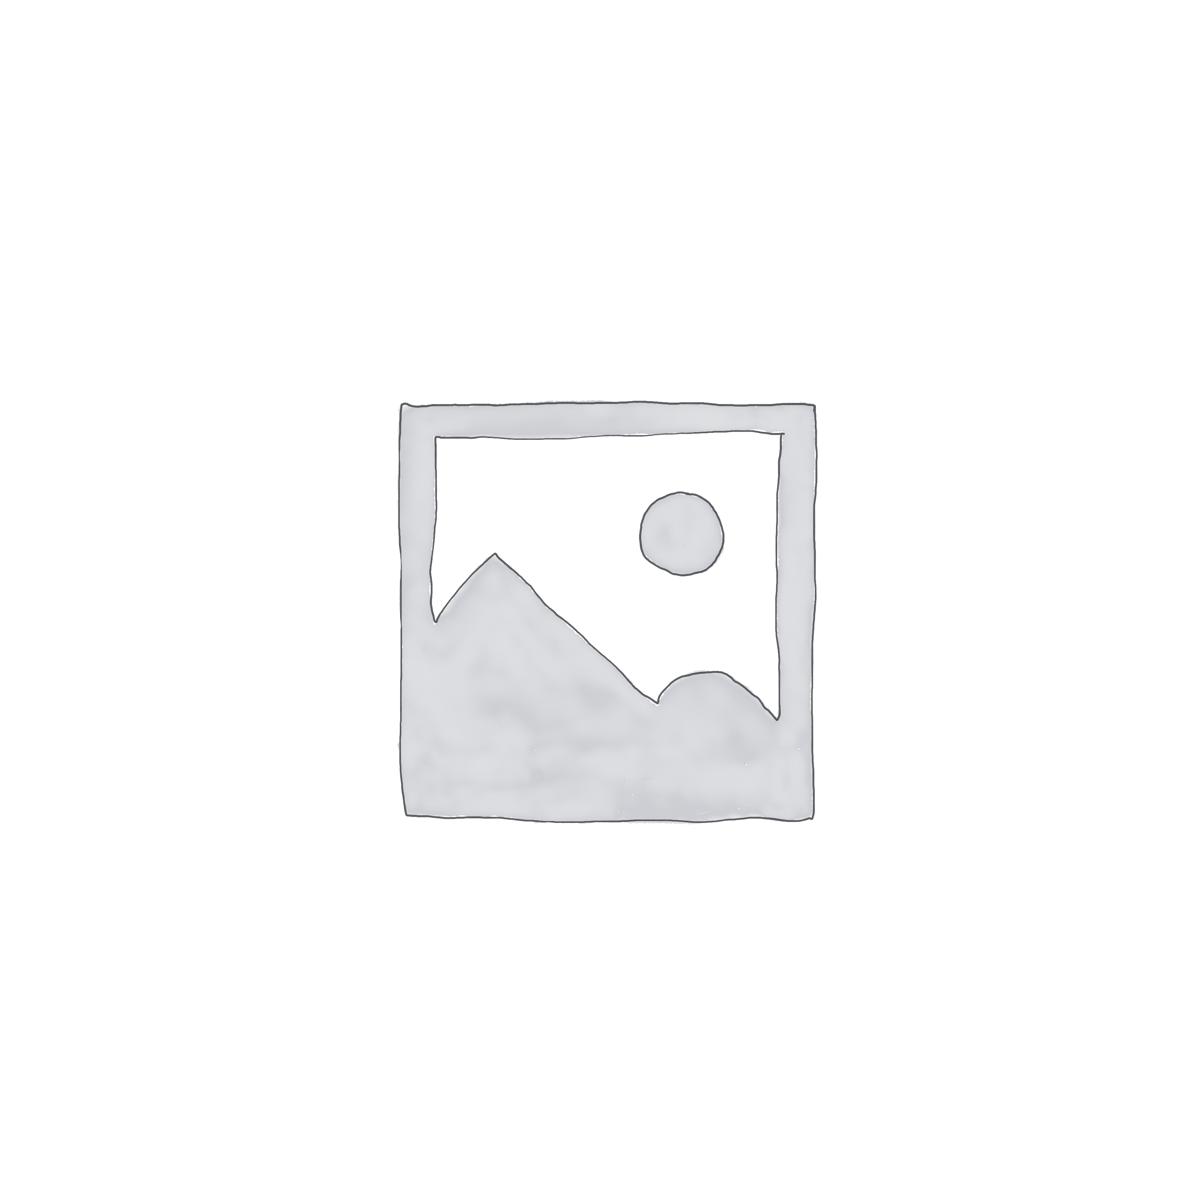 Watercolor Geometric City Wallpaper Mural